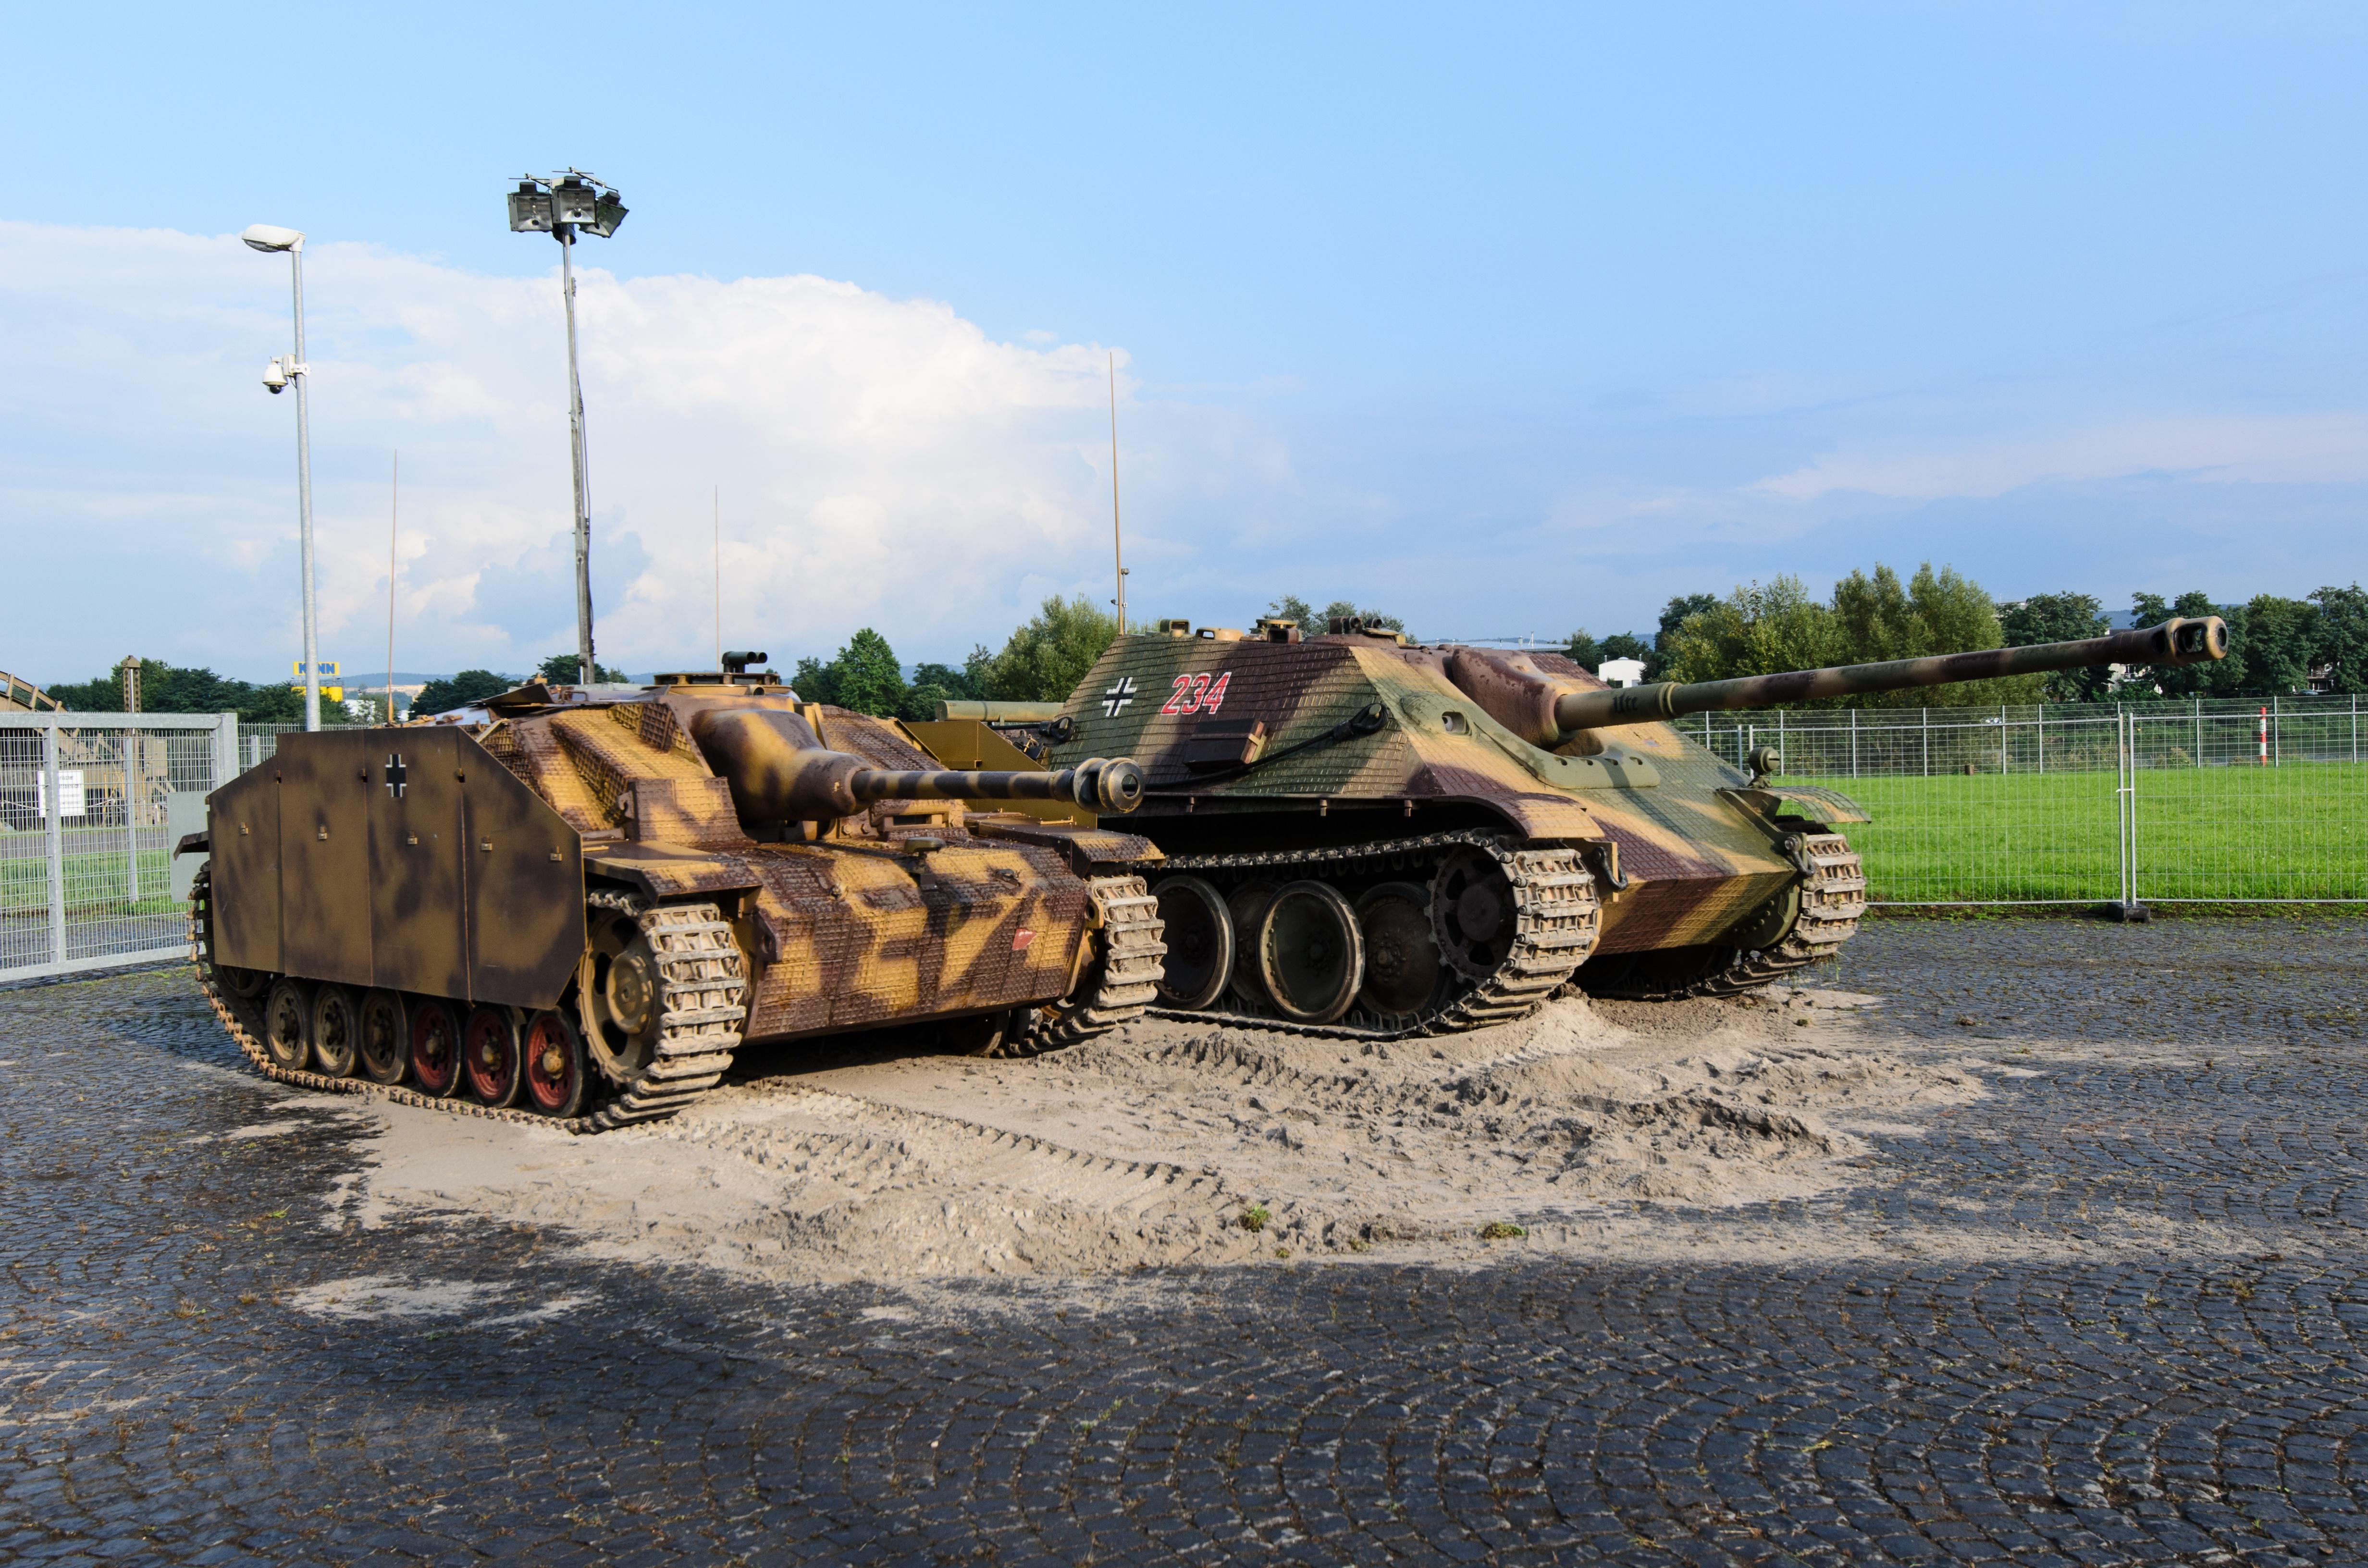 Bilder von Selbstfahrlafette Deutsch Zwei Militär deutsche deutscher 2 Heer